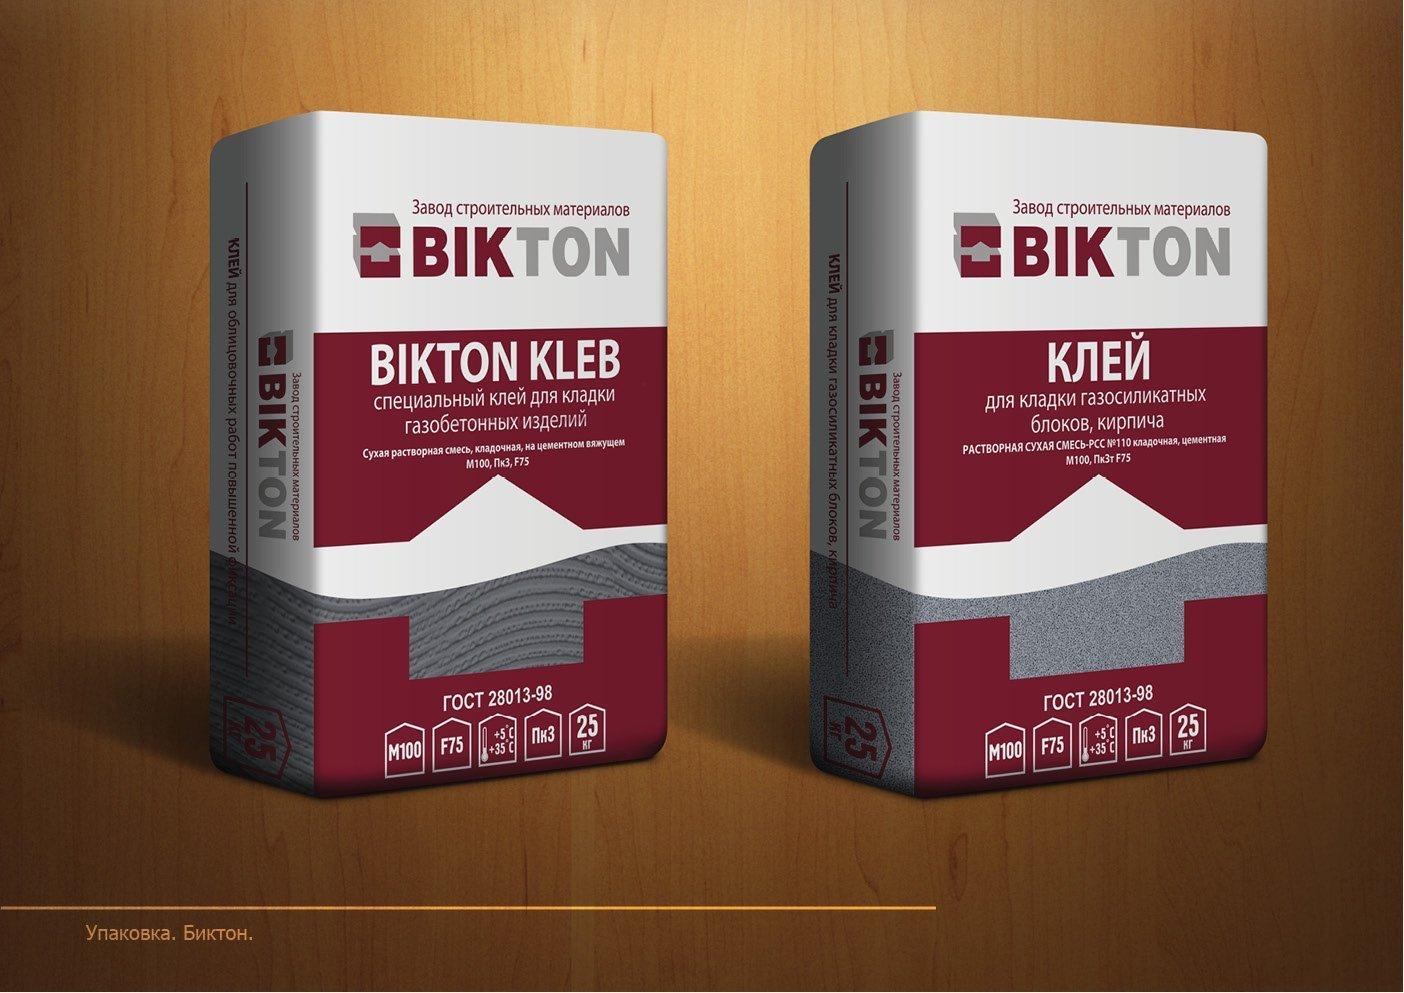 bikton